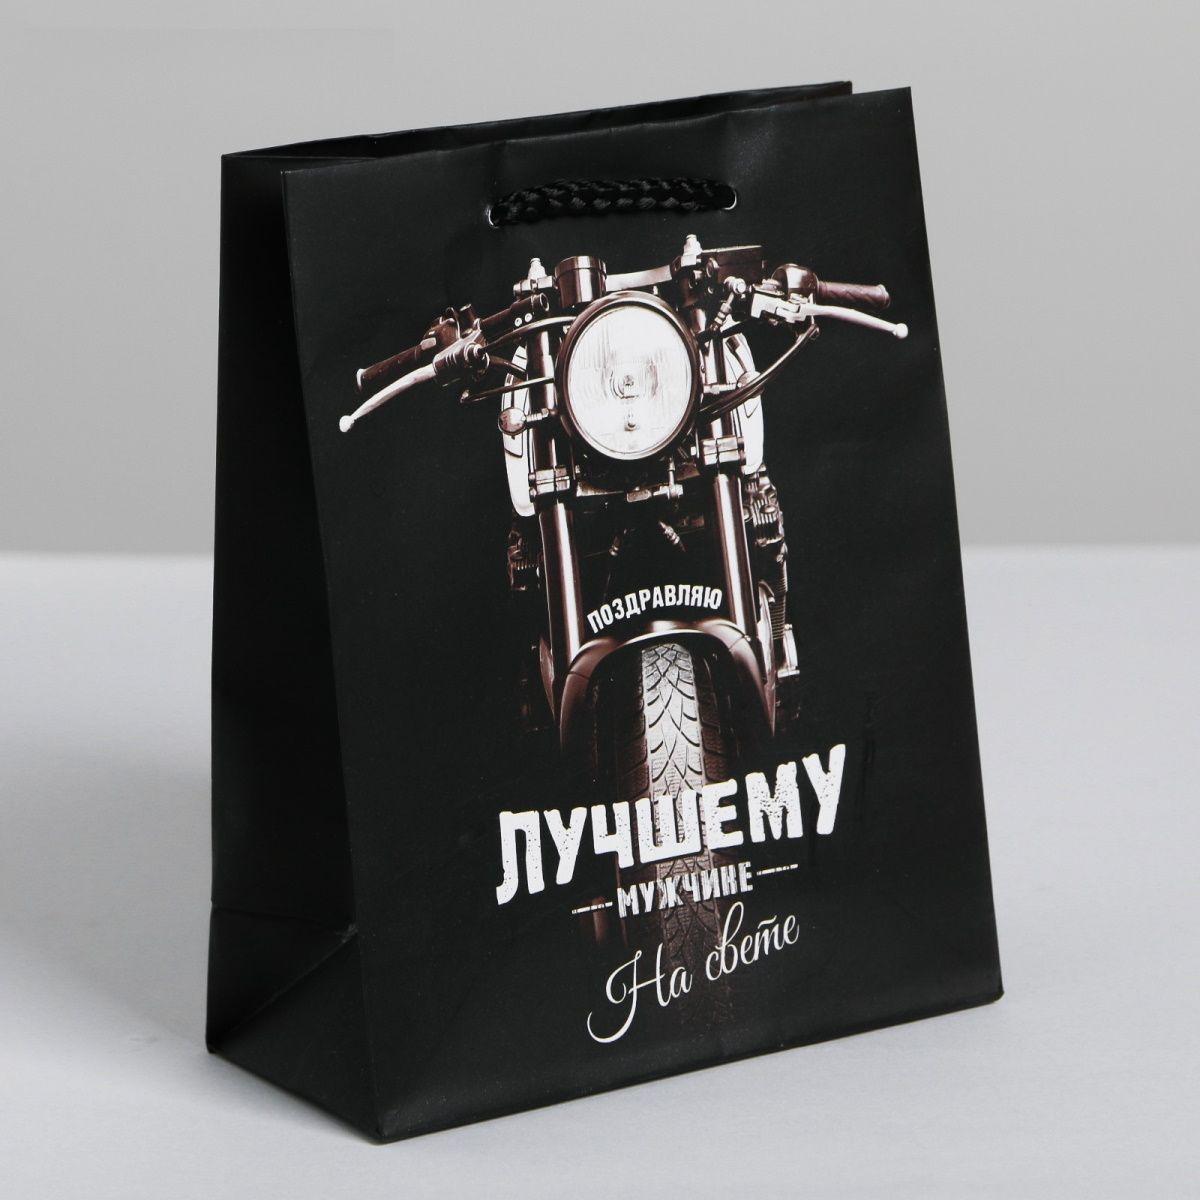 Подарочный пакет Лучшему во всем мужчине - 15 х 12 см.